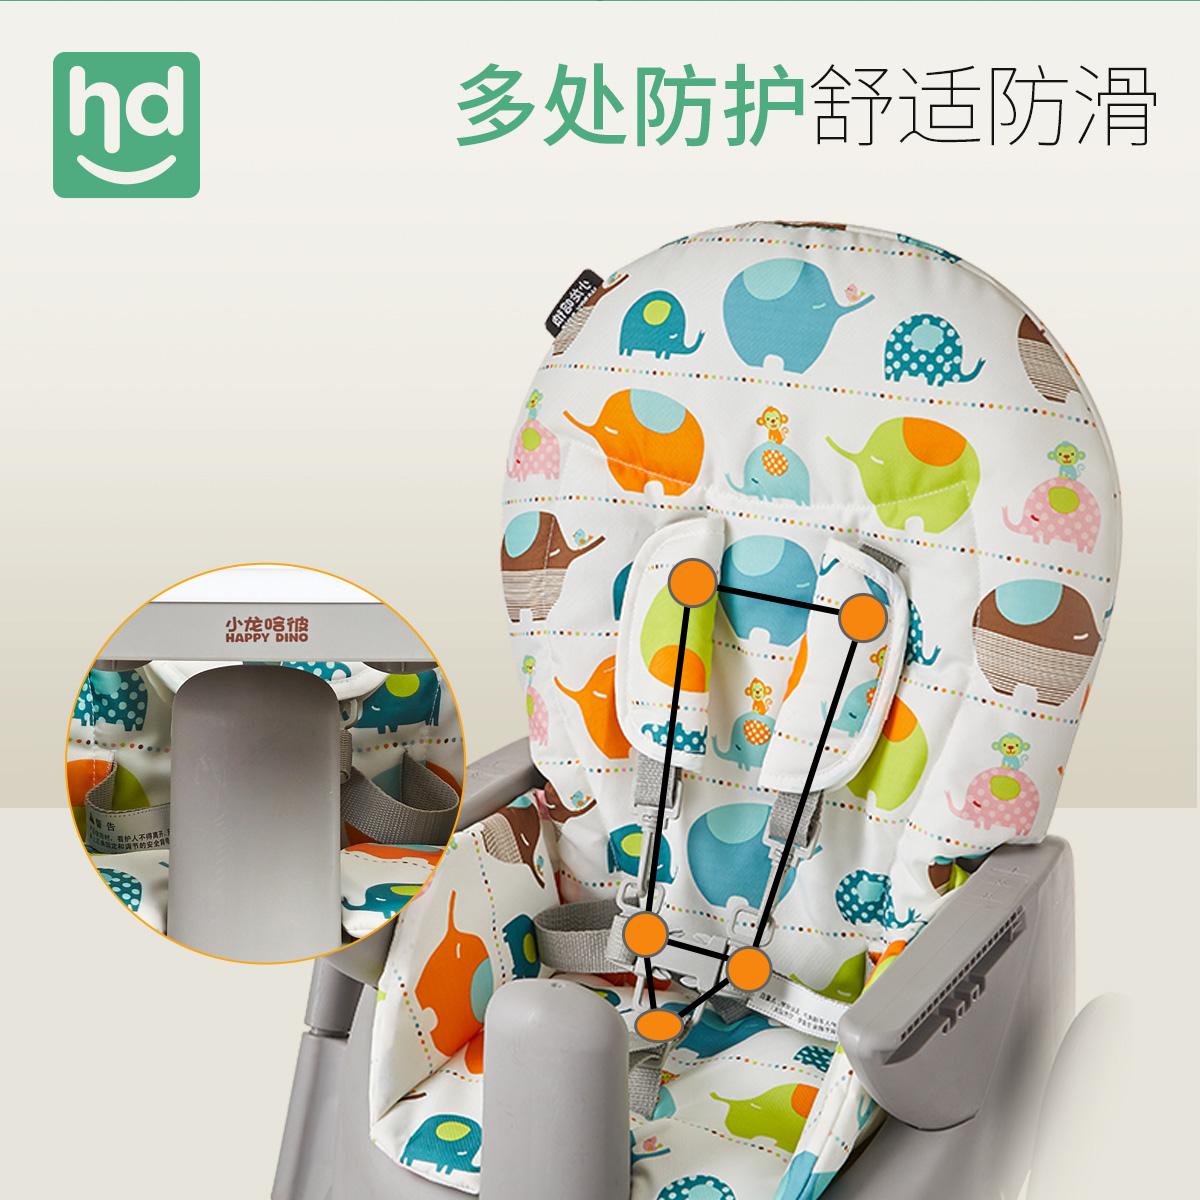 好孩子小龙哈彼儿童宝宝多功能便携式可折叠婴儿吃饭餐椅LY508